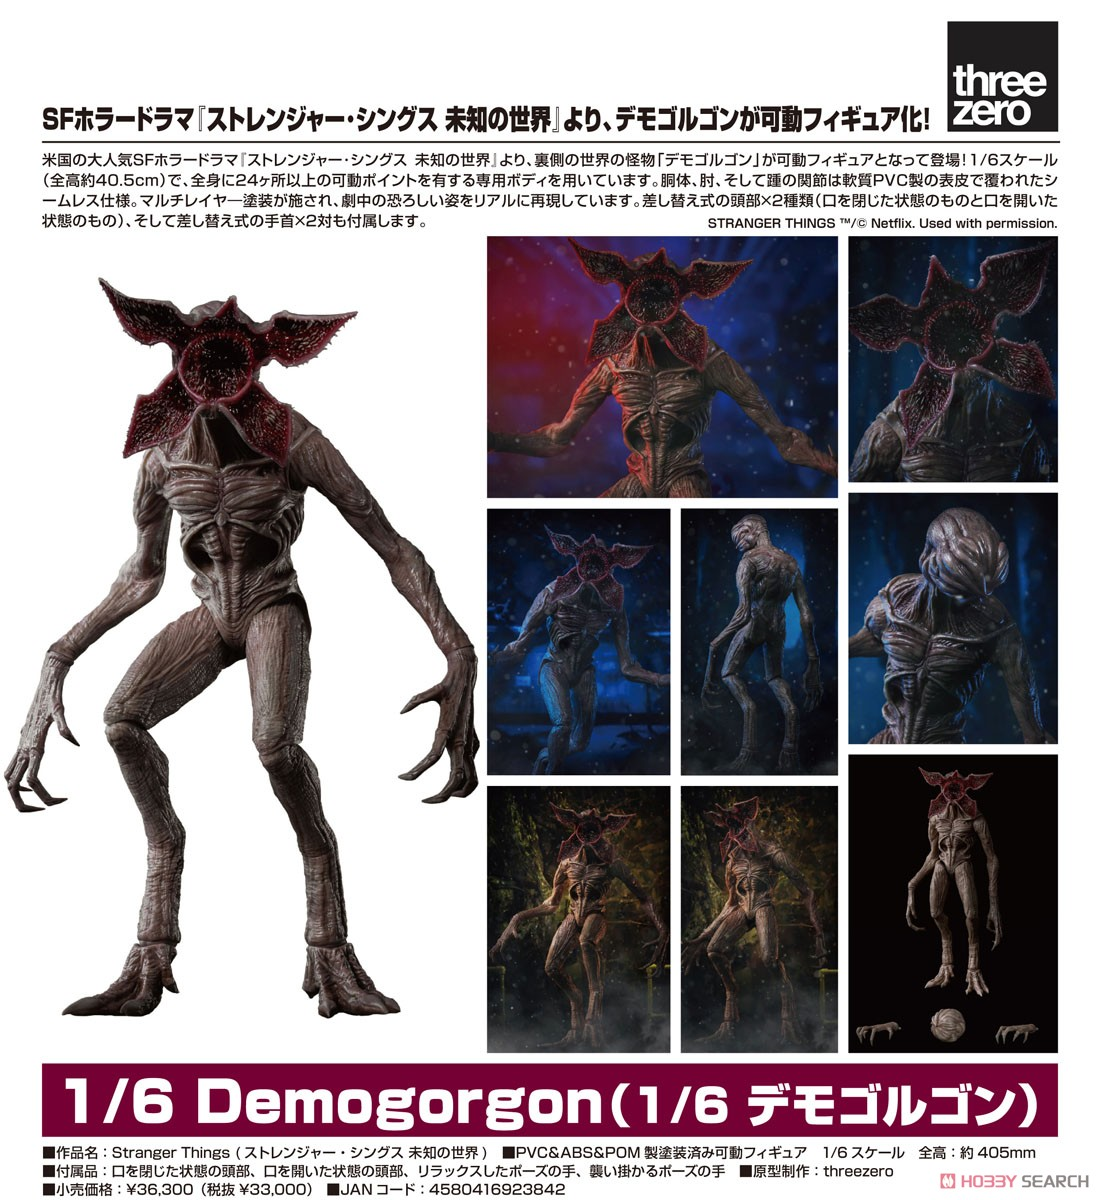 ストレンジャー・シングス 未知の世界『Demogorgon/デモゴルゴン』STRANGER THINGS 1/6 可動フィギュア-003